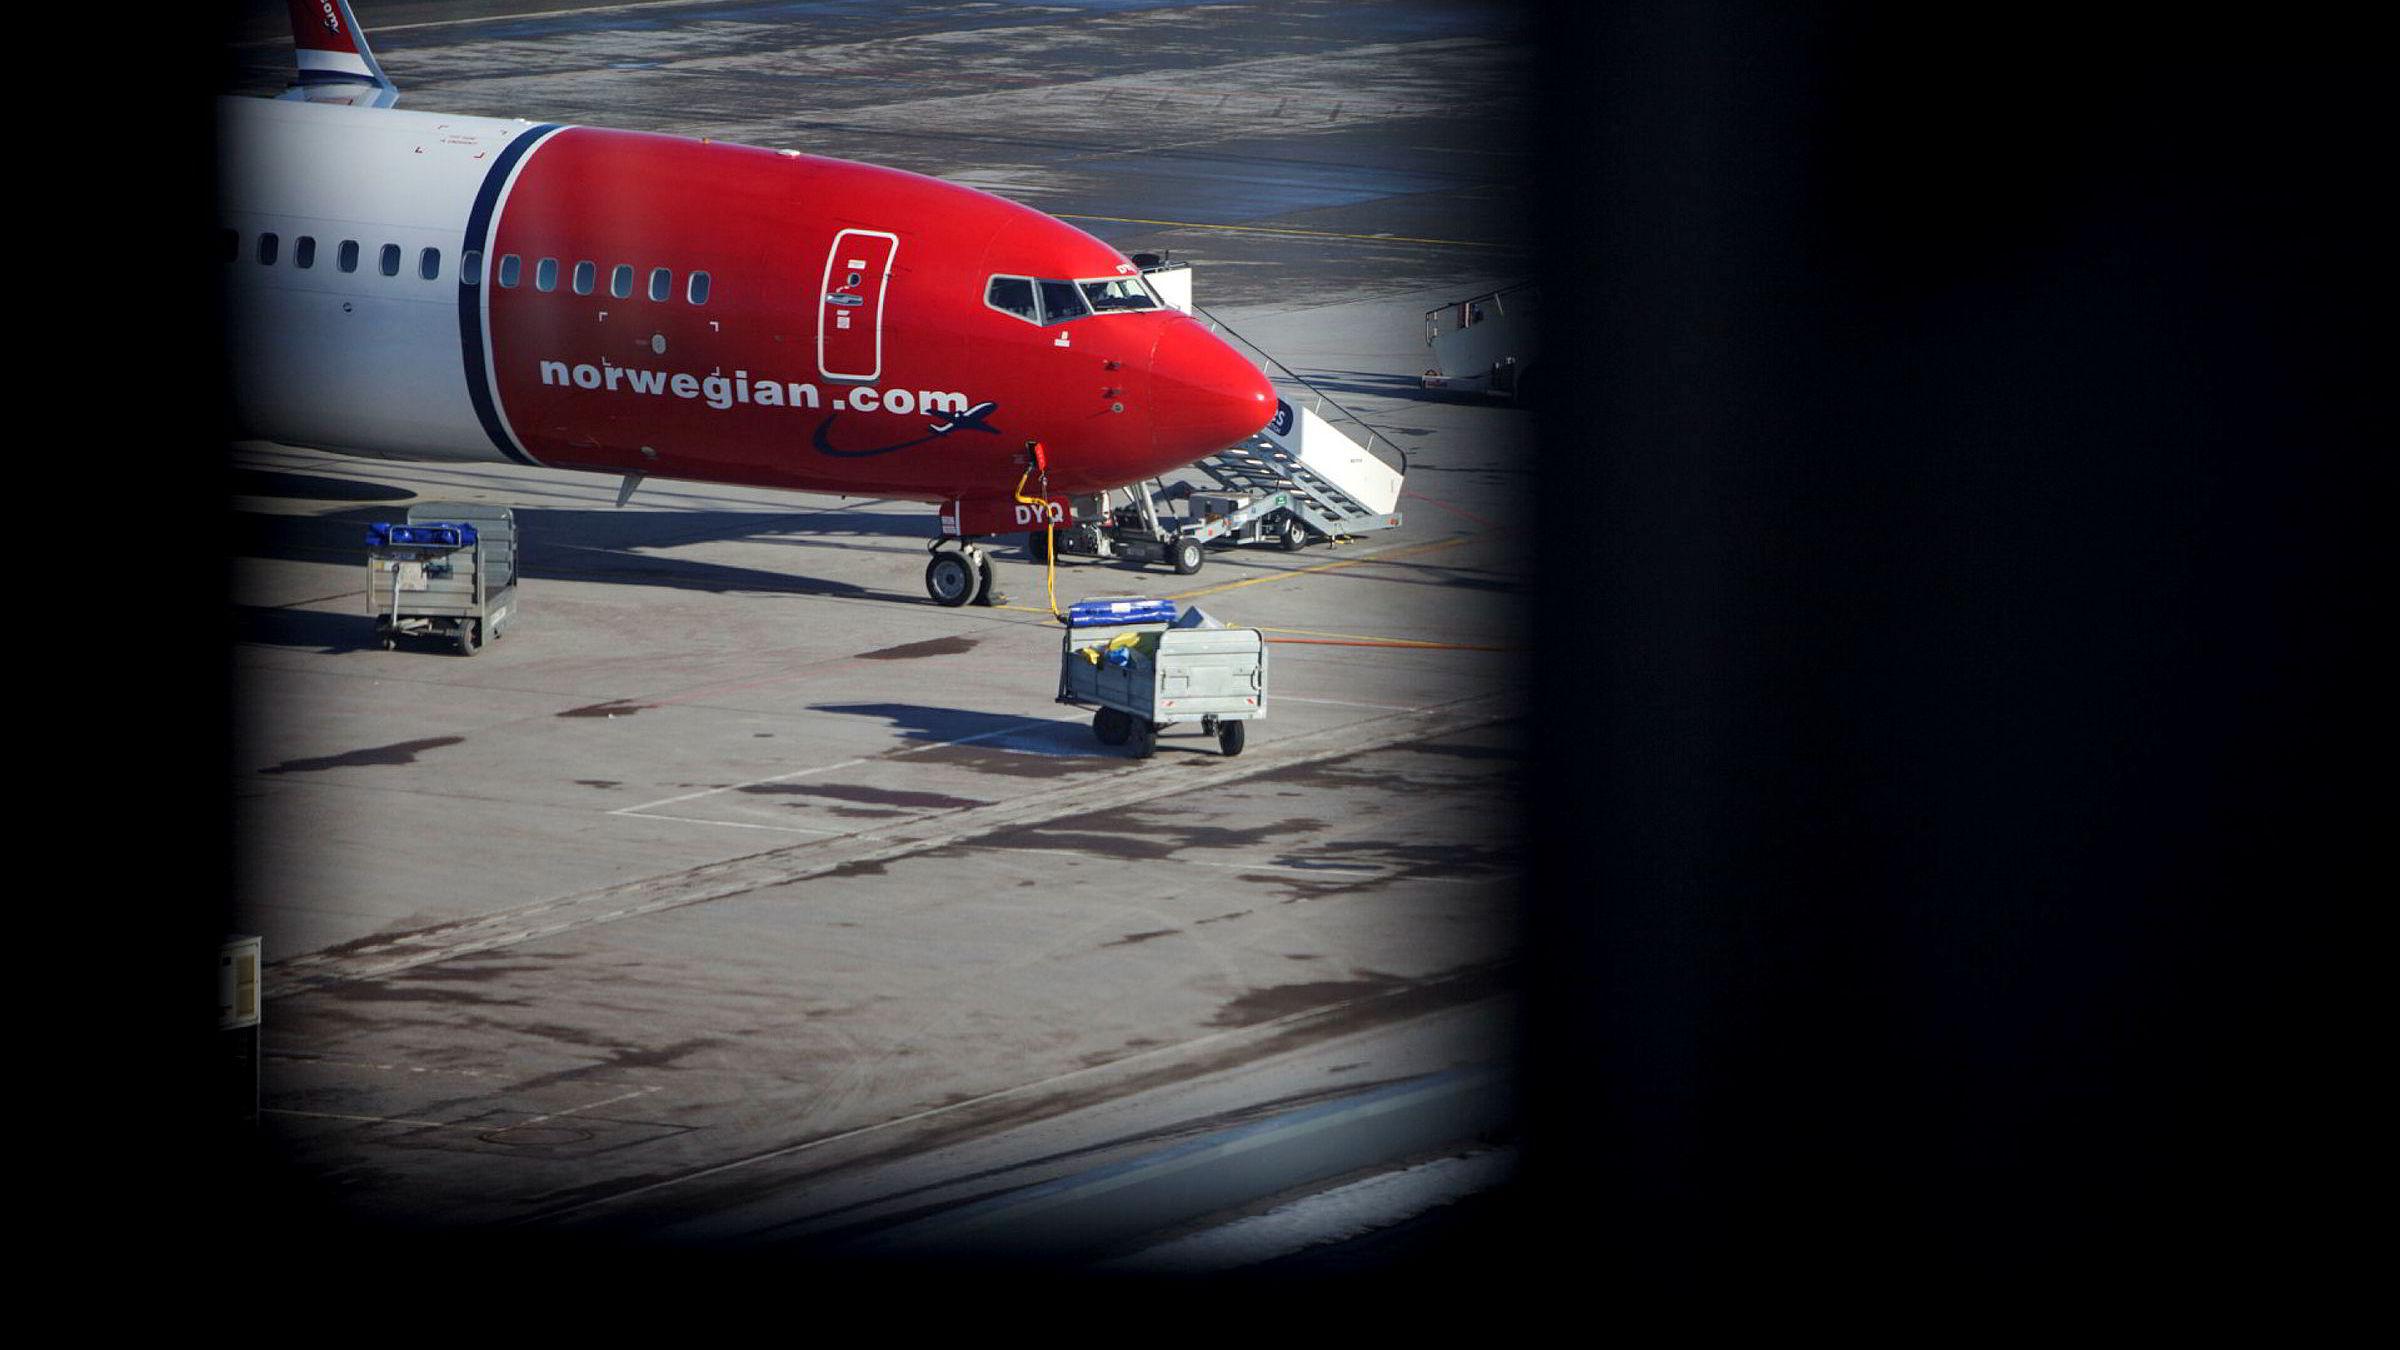 Norwegian har lenge vært vurdert som et opplagt oppkjøpscase, men at Ryanair er den mest aktuelle kjøperen.